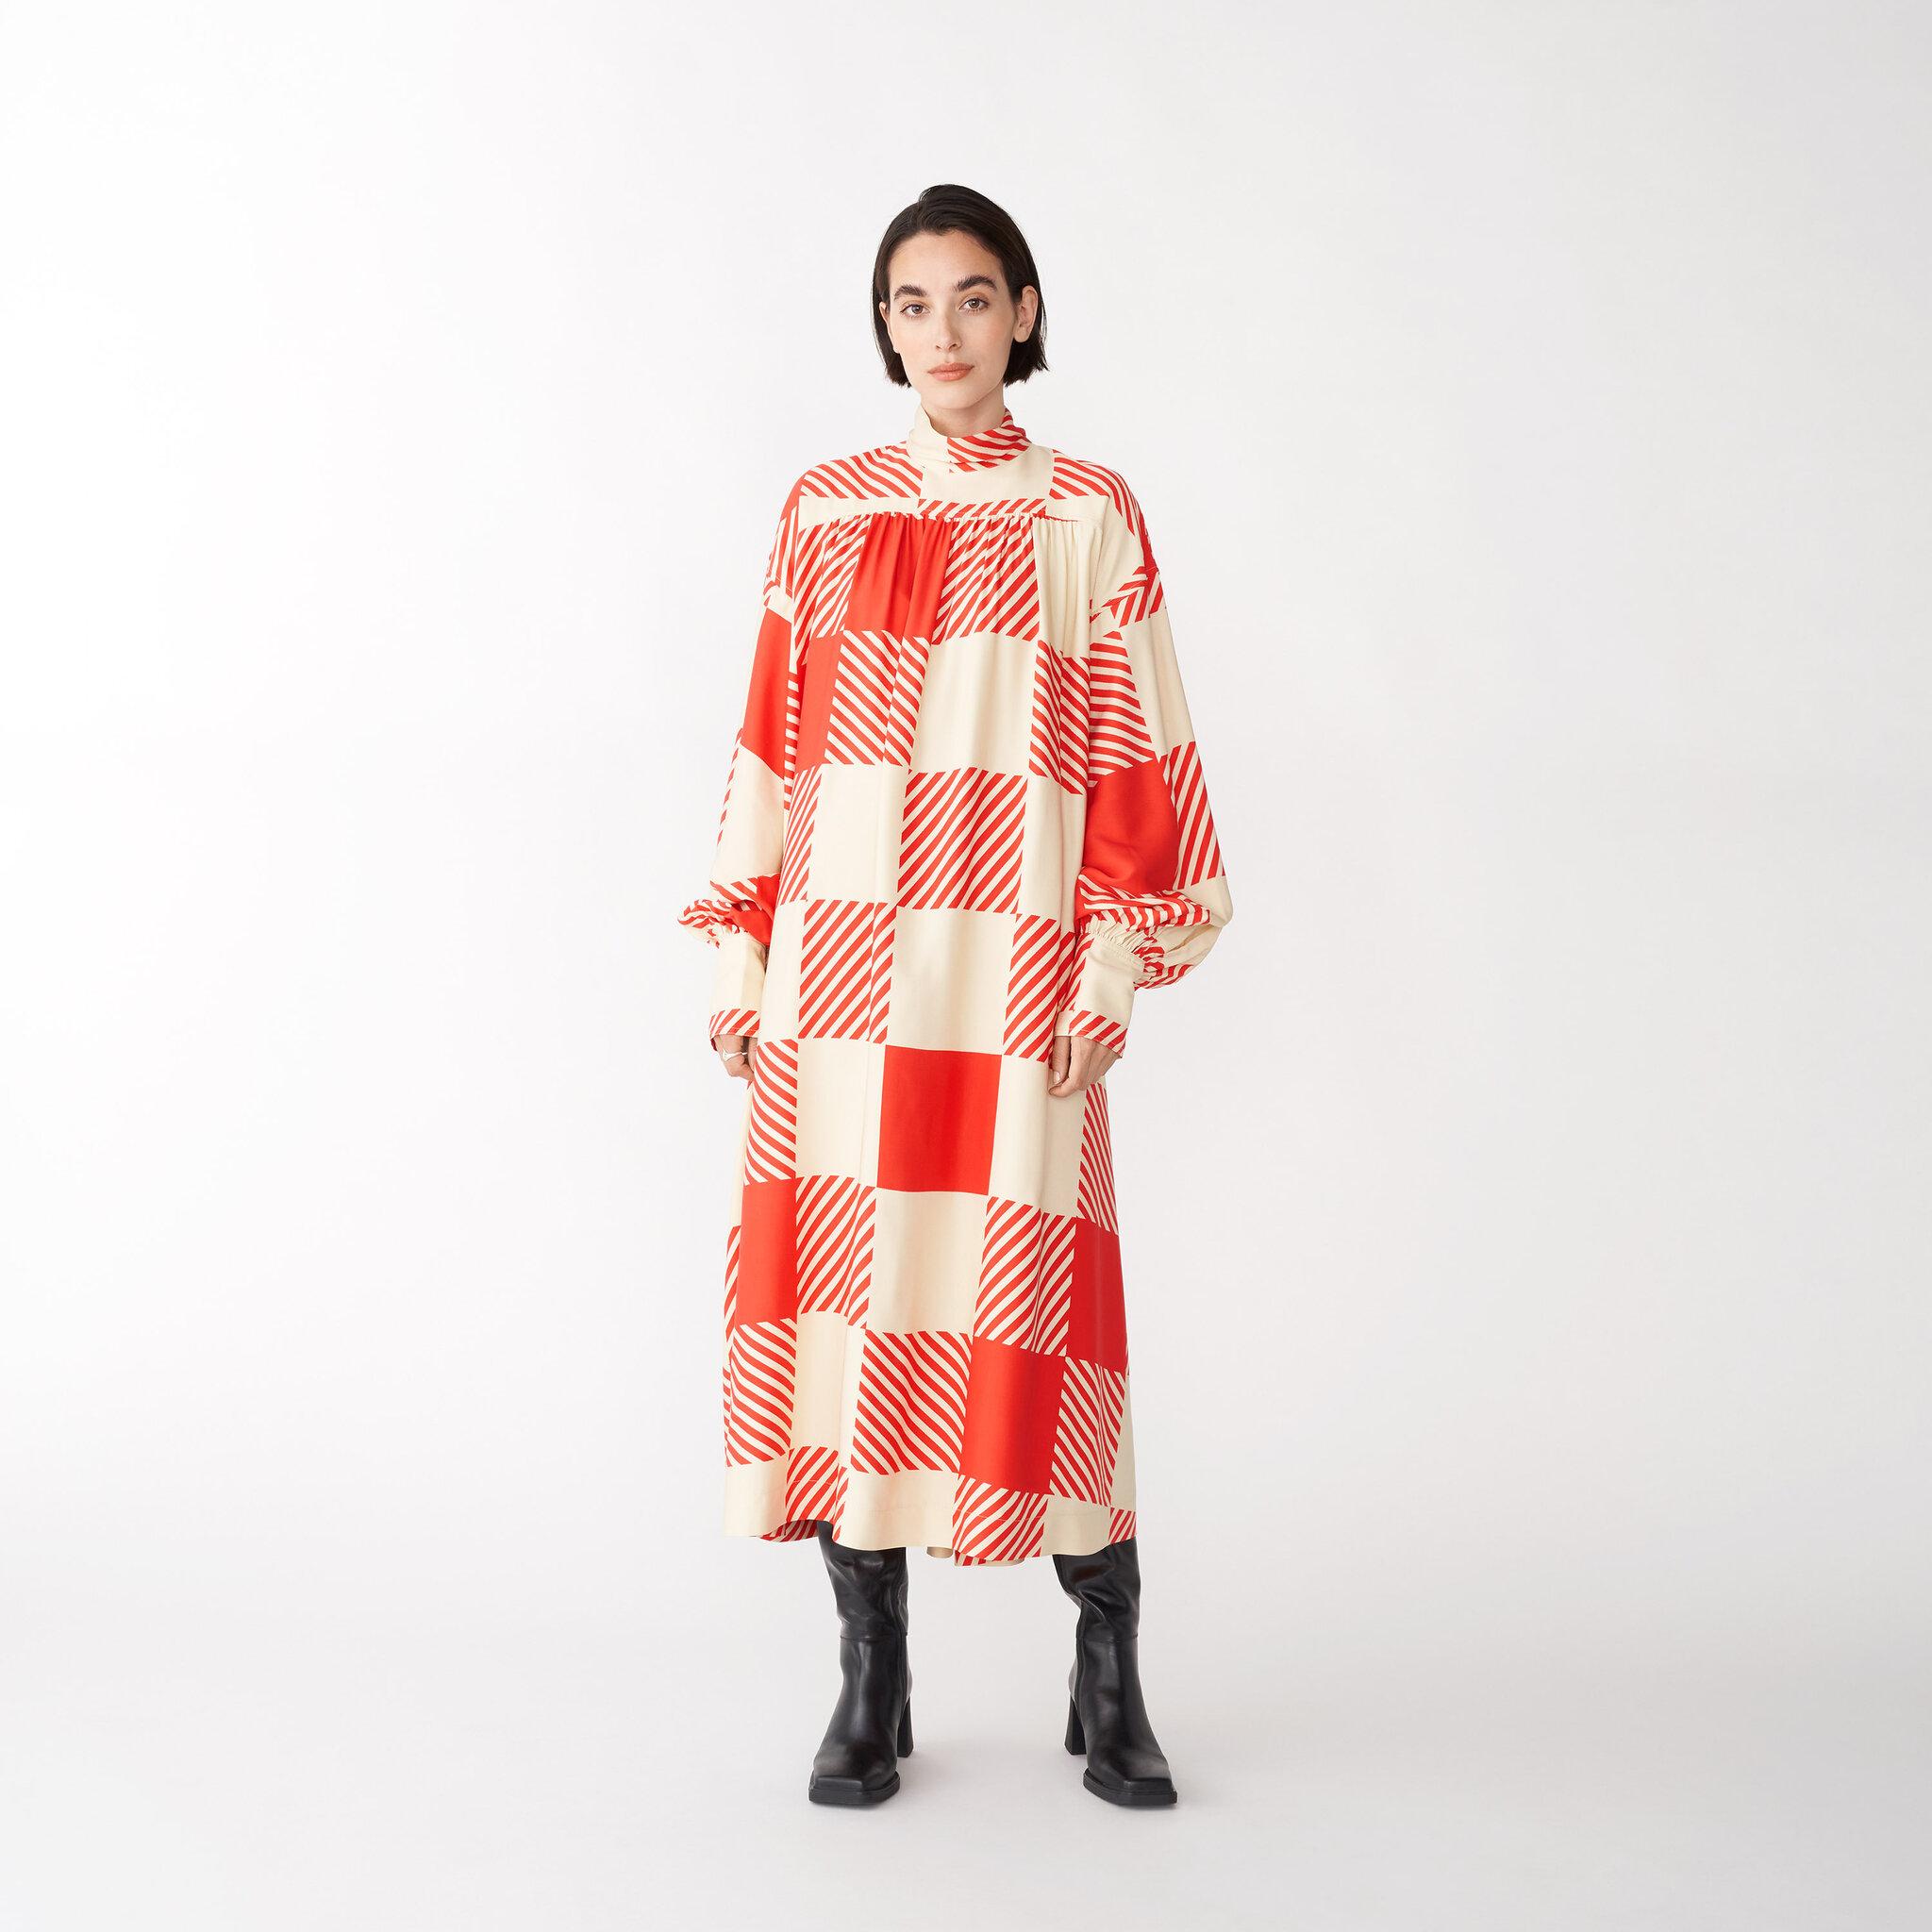 Viskosklänning MADDIE